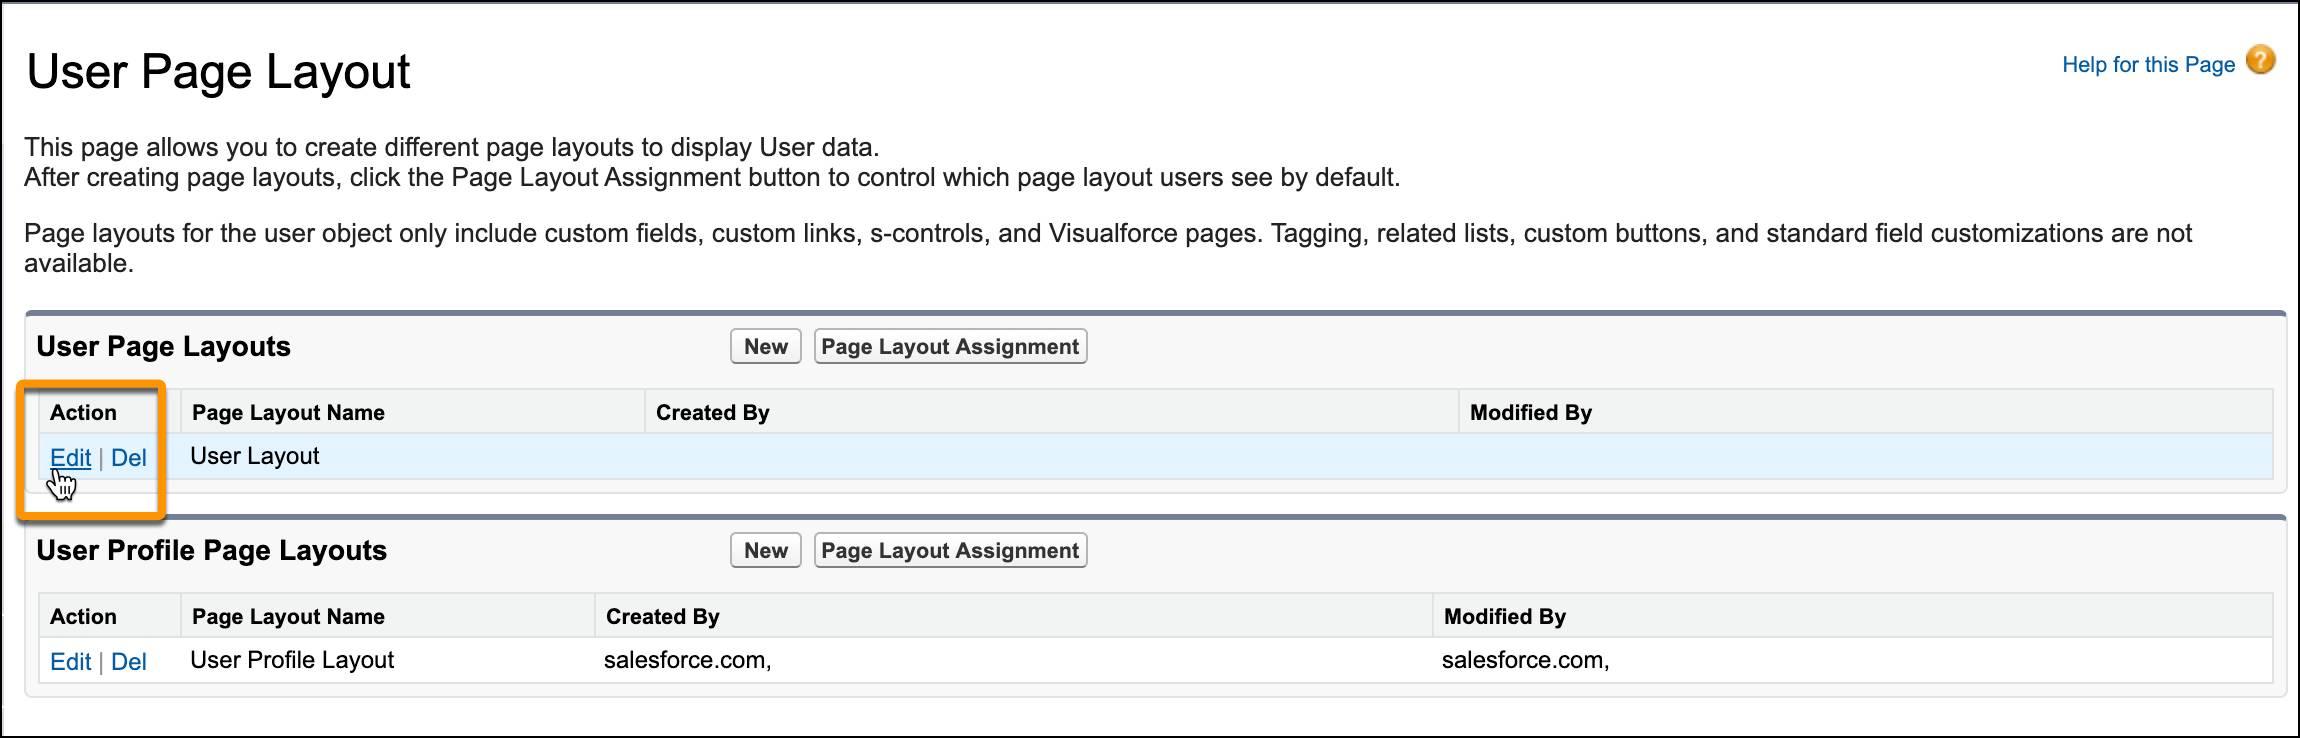 Bildschirm 'Benutzer-Seitenlayout' mit dem Cursor auf dem Bearbeitungslink für das Benutzer-Seitenlayout.